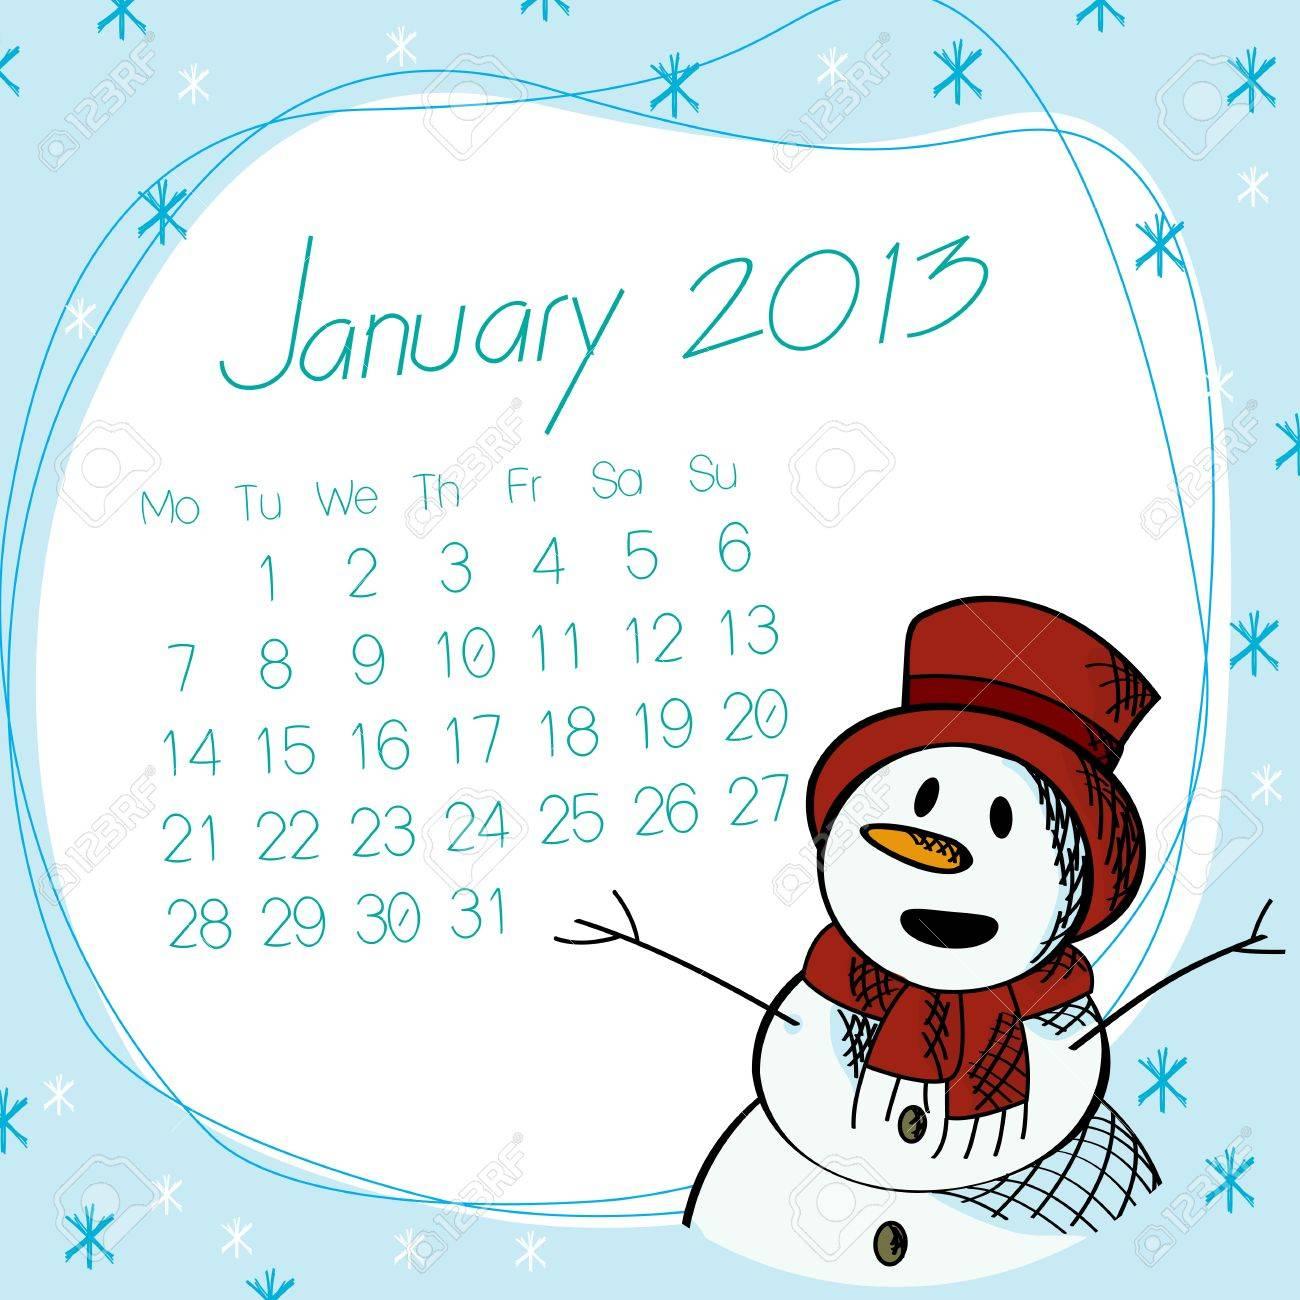 January 2013 calendar with saluting snow man. Stock Vector - 16796458